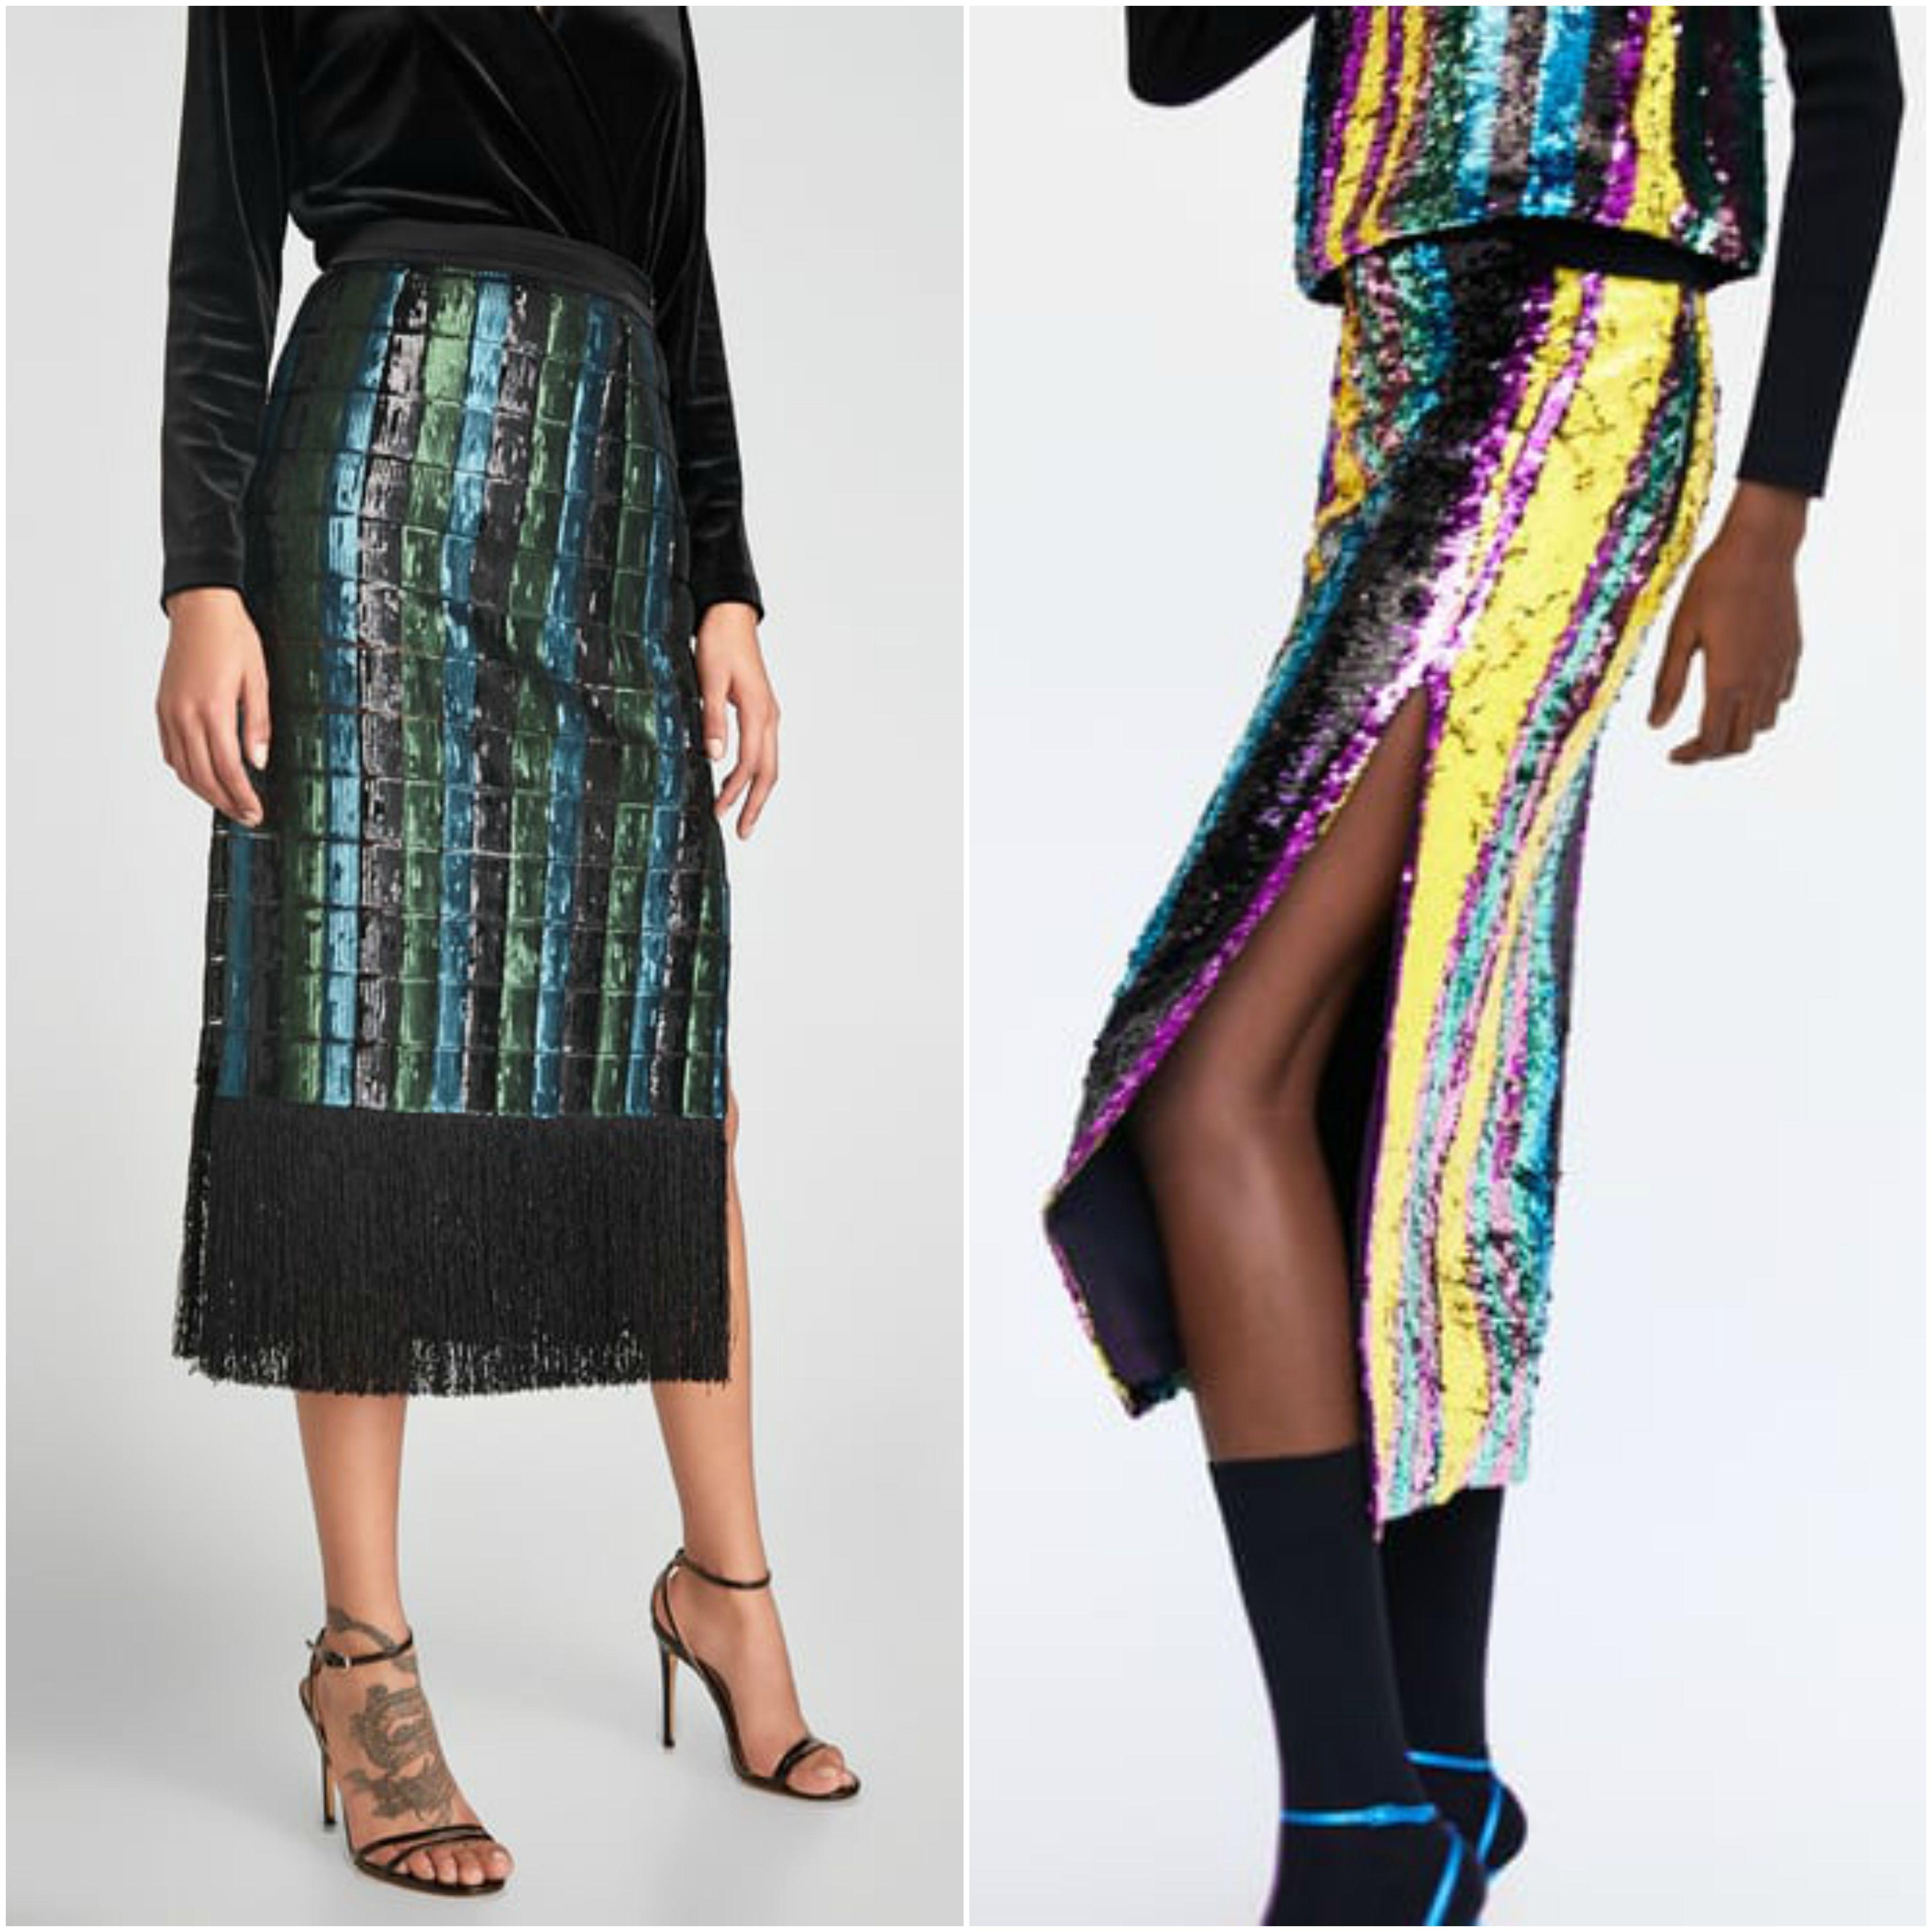 Nikad dosta šljokica: Izabrali smo najljepše šljokičaste suknje u kojima ćete doslovno blistati